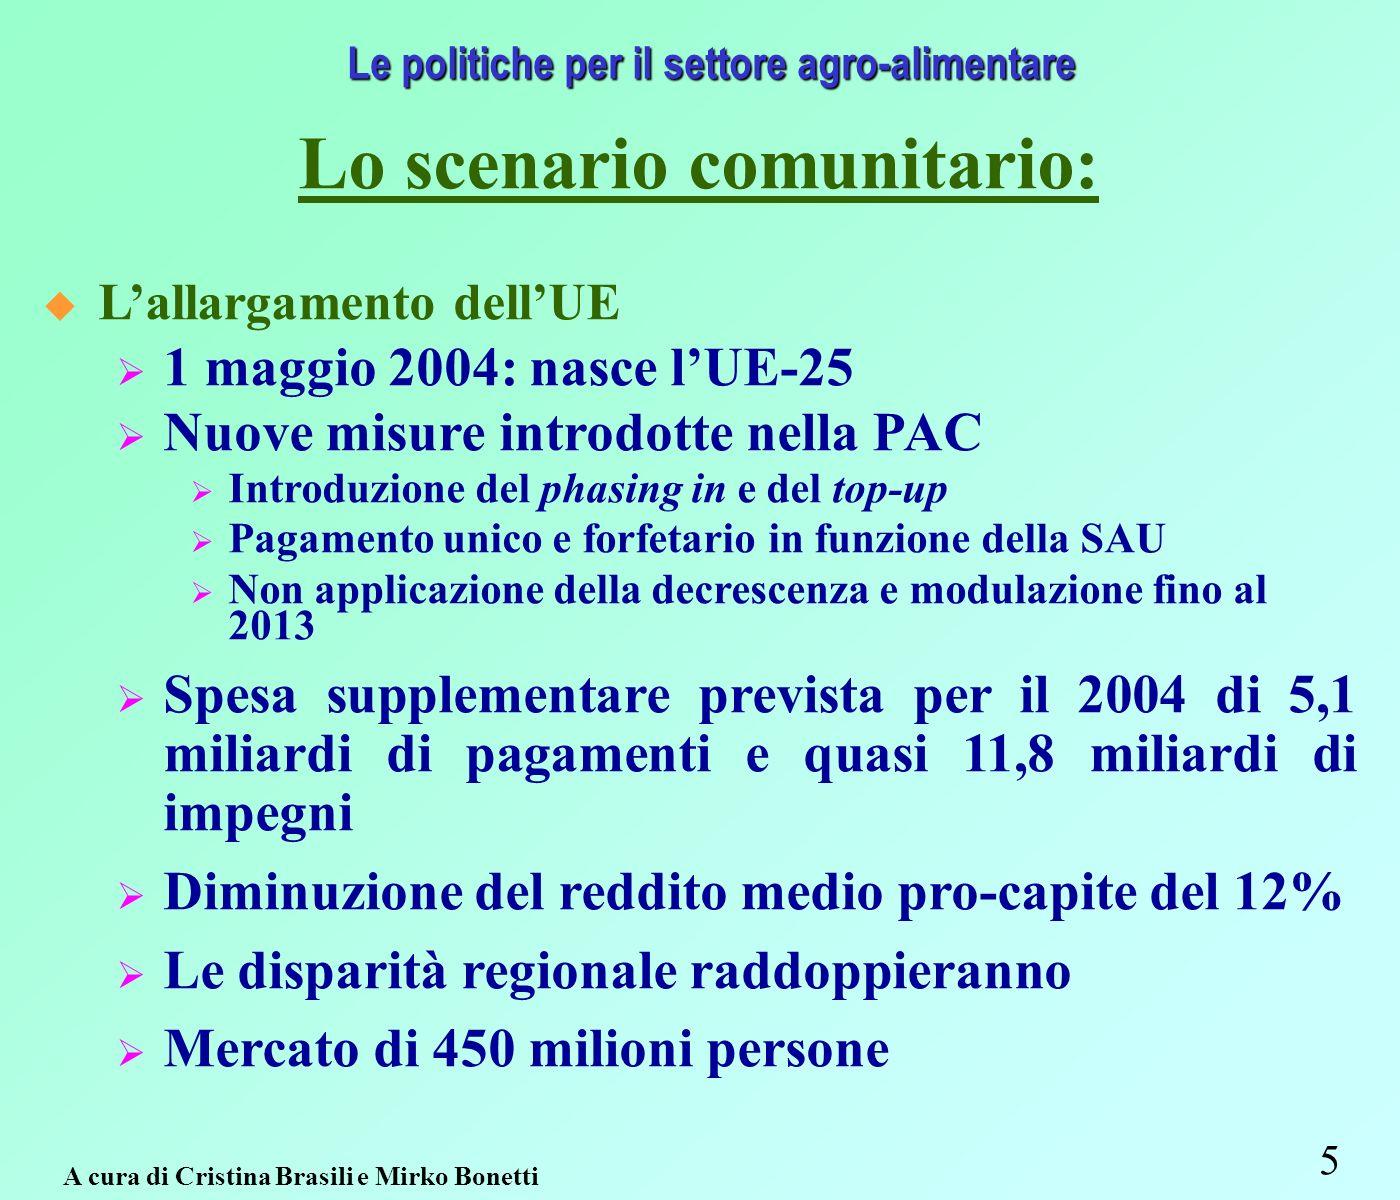 56 Interventi strutturali e di mercato A cura di Cristina Brasili e Mirko Bonetti PRSR: Distribuzione dei contributi per comuni (2000-2002) Fonte: Regione Emilia-Romagna – Assessorato Agricoltura, Ambiente e Sviluppo sostenibile.